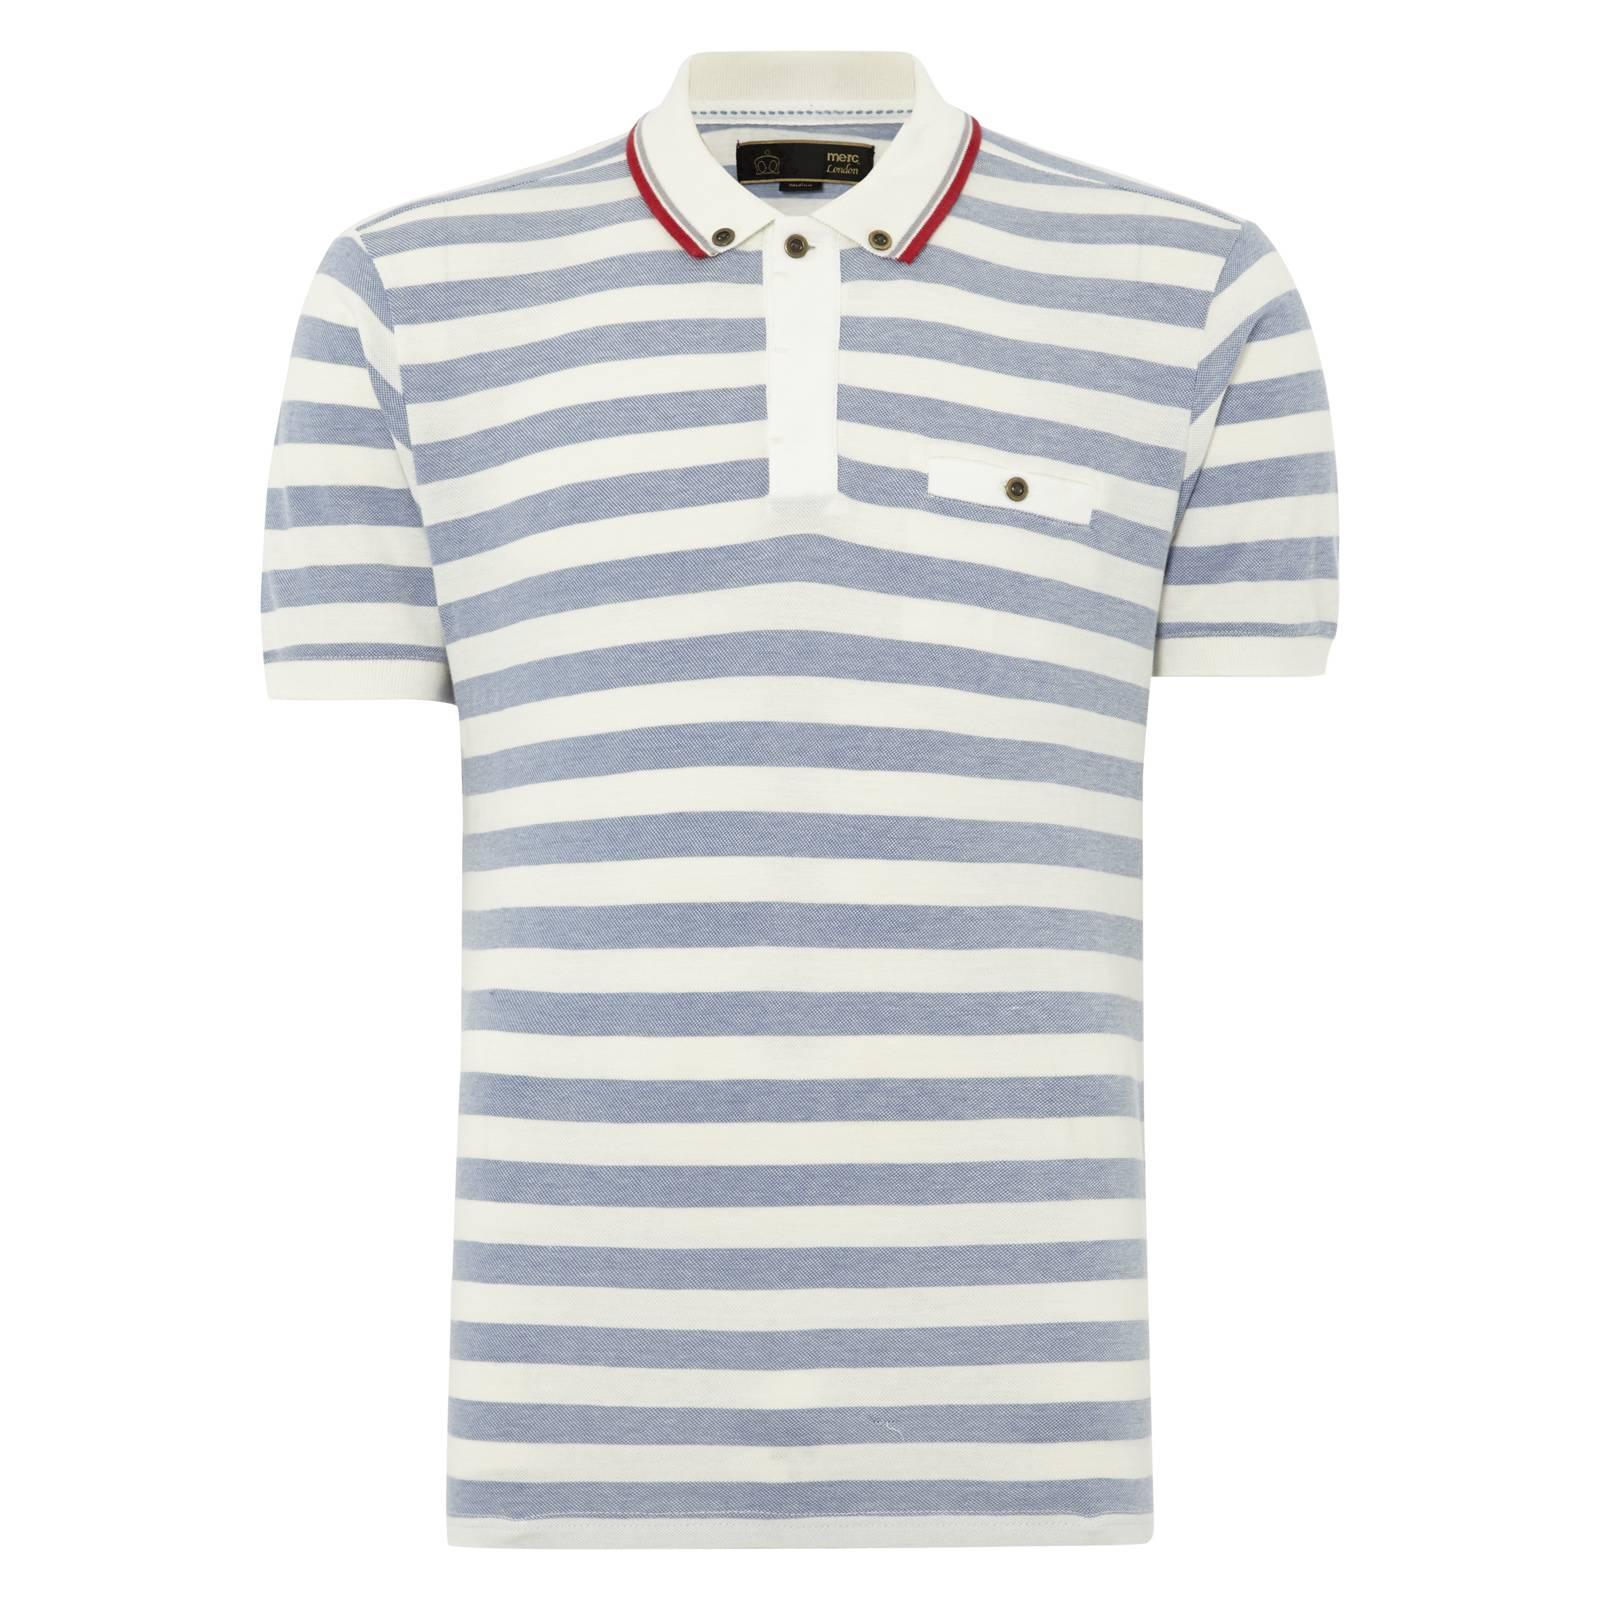 Рубашка Поло Guilio от MercLondon